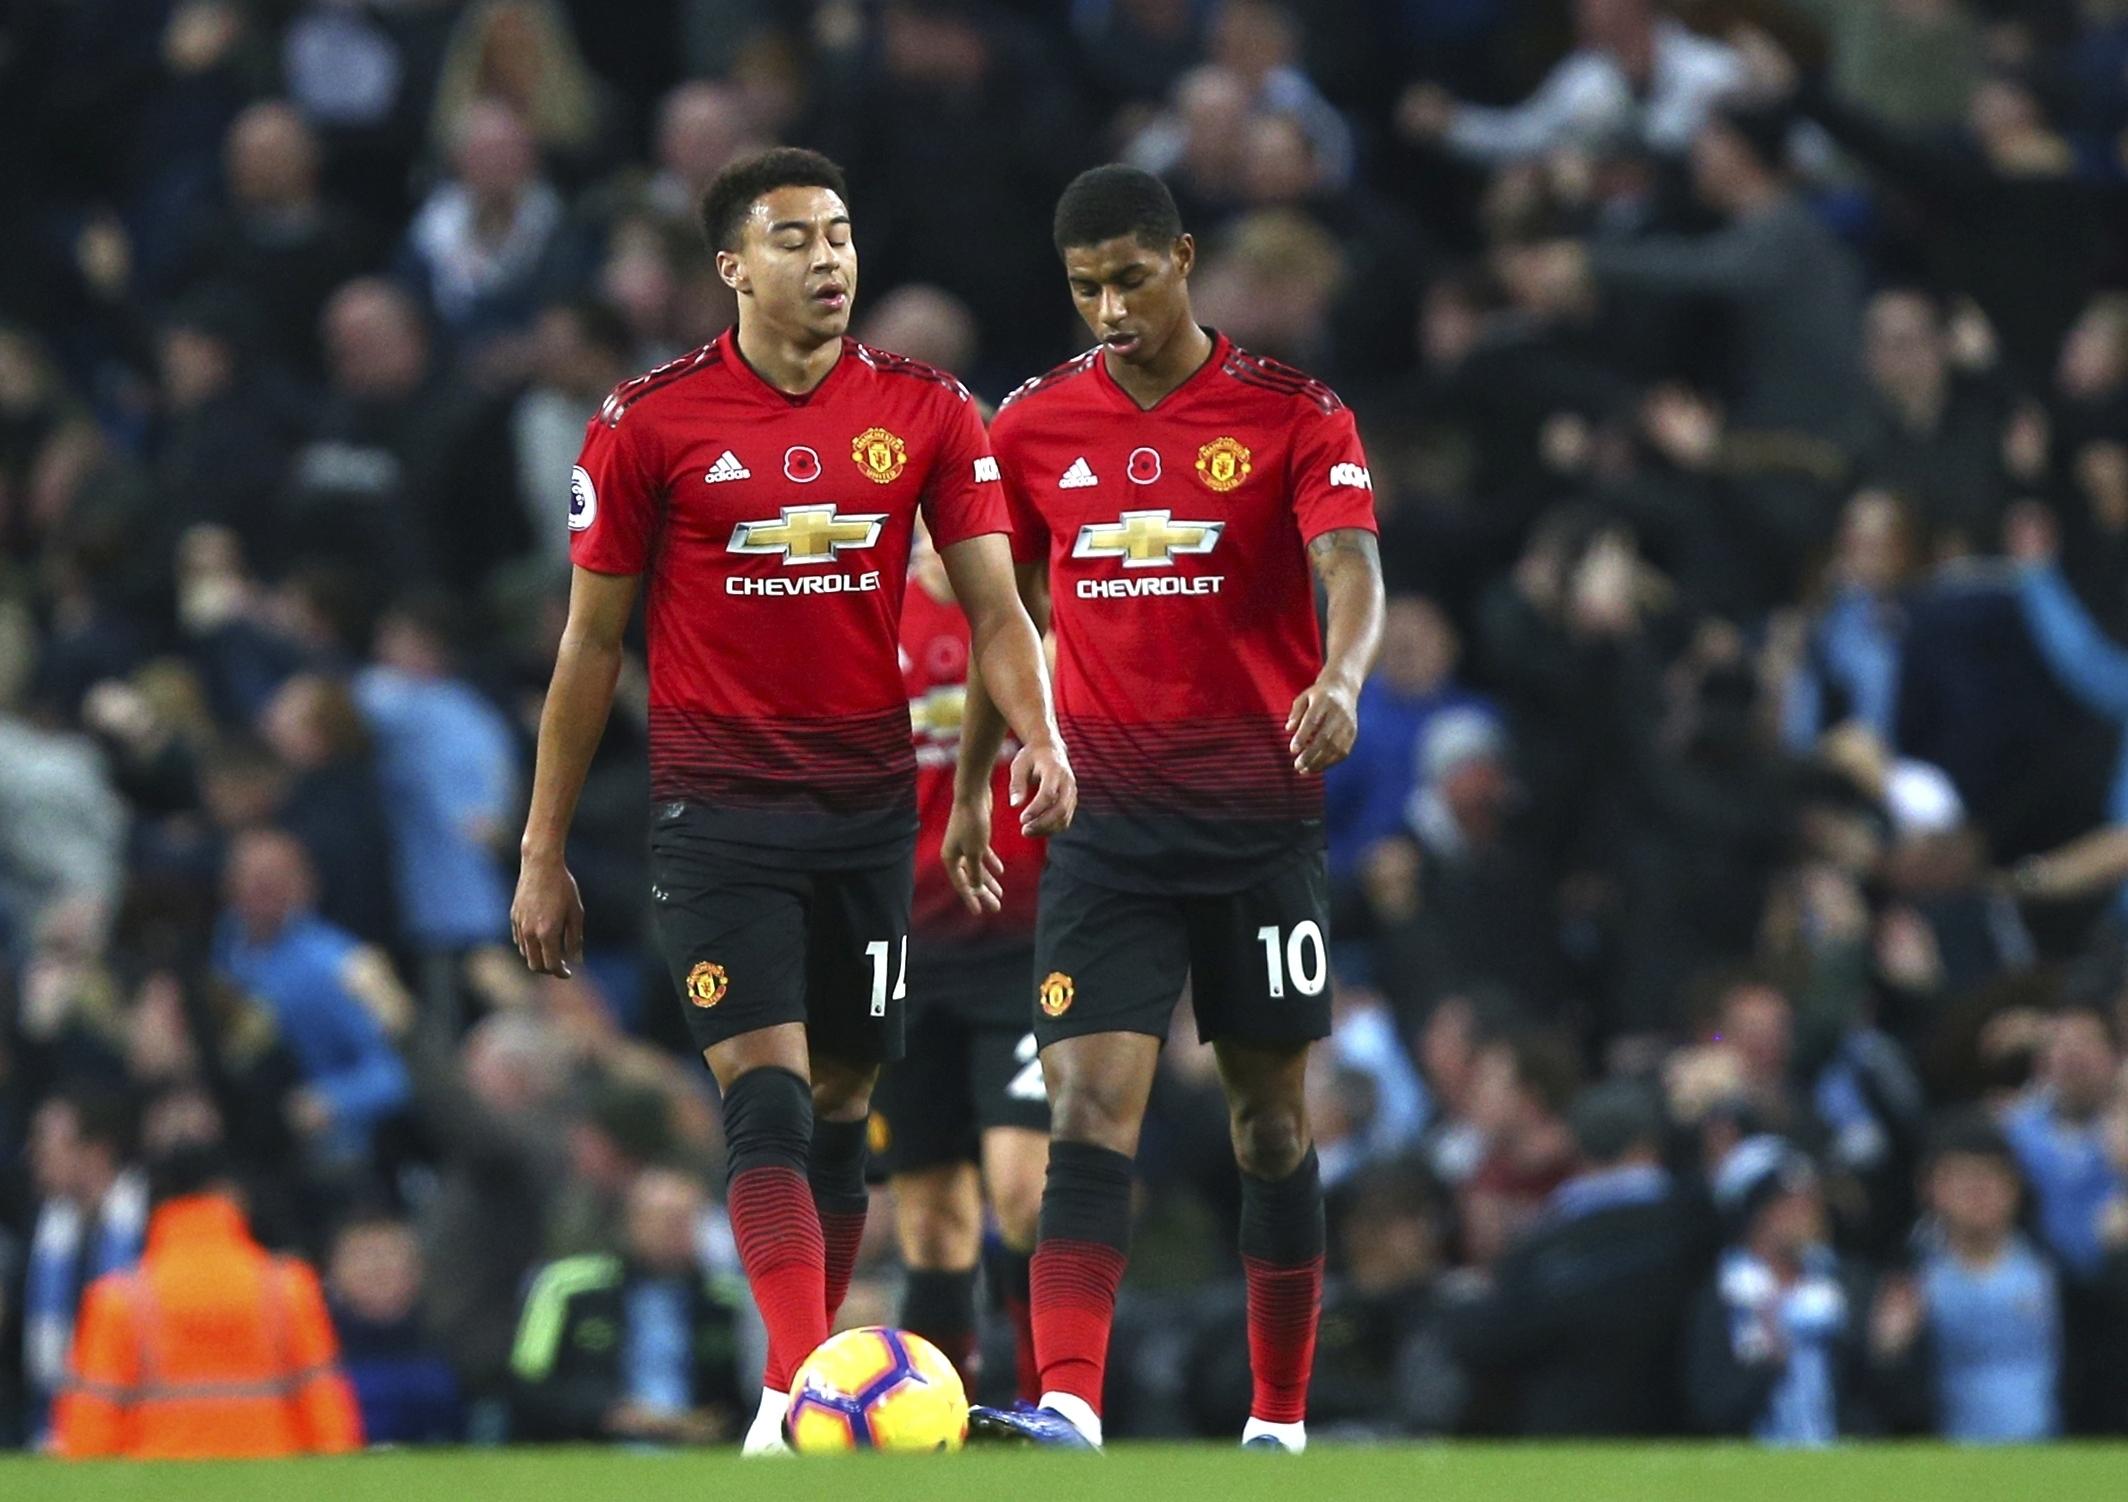 United fans react to Palace draw: 'Sell Lukaku, buy Zaha!'